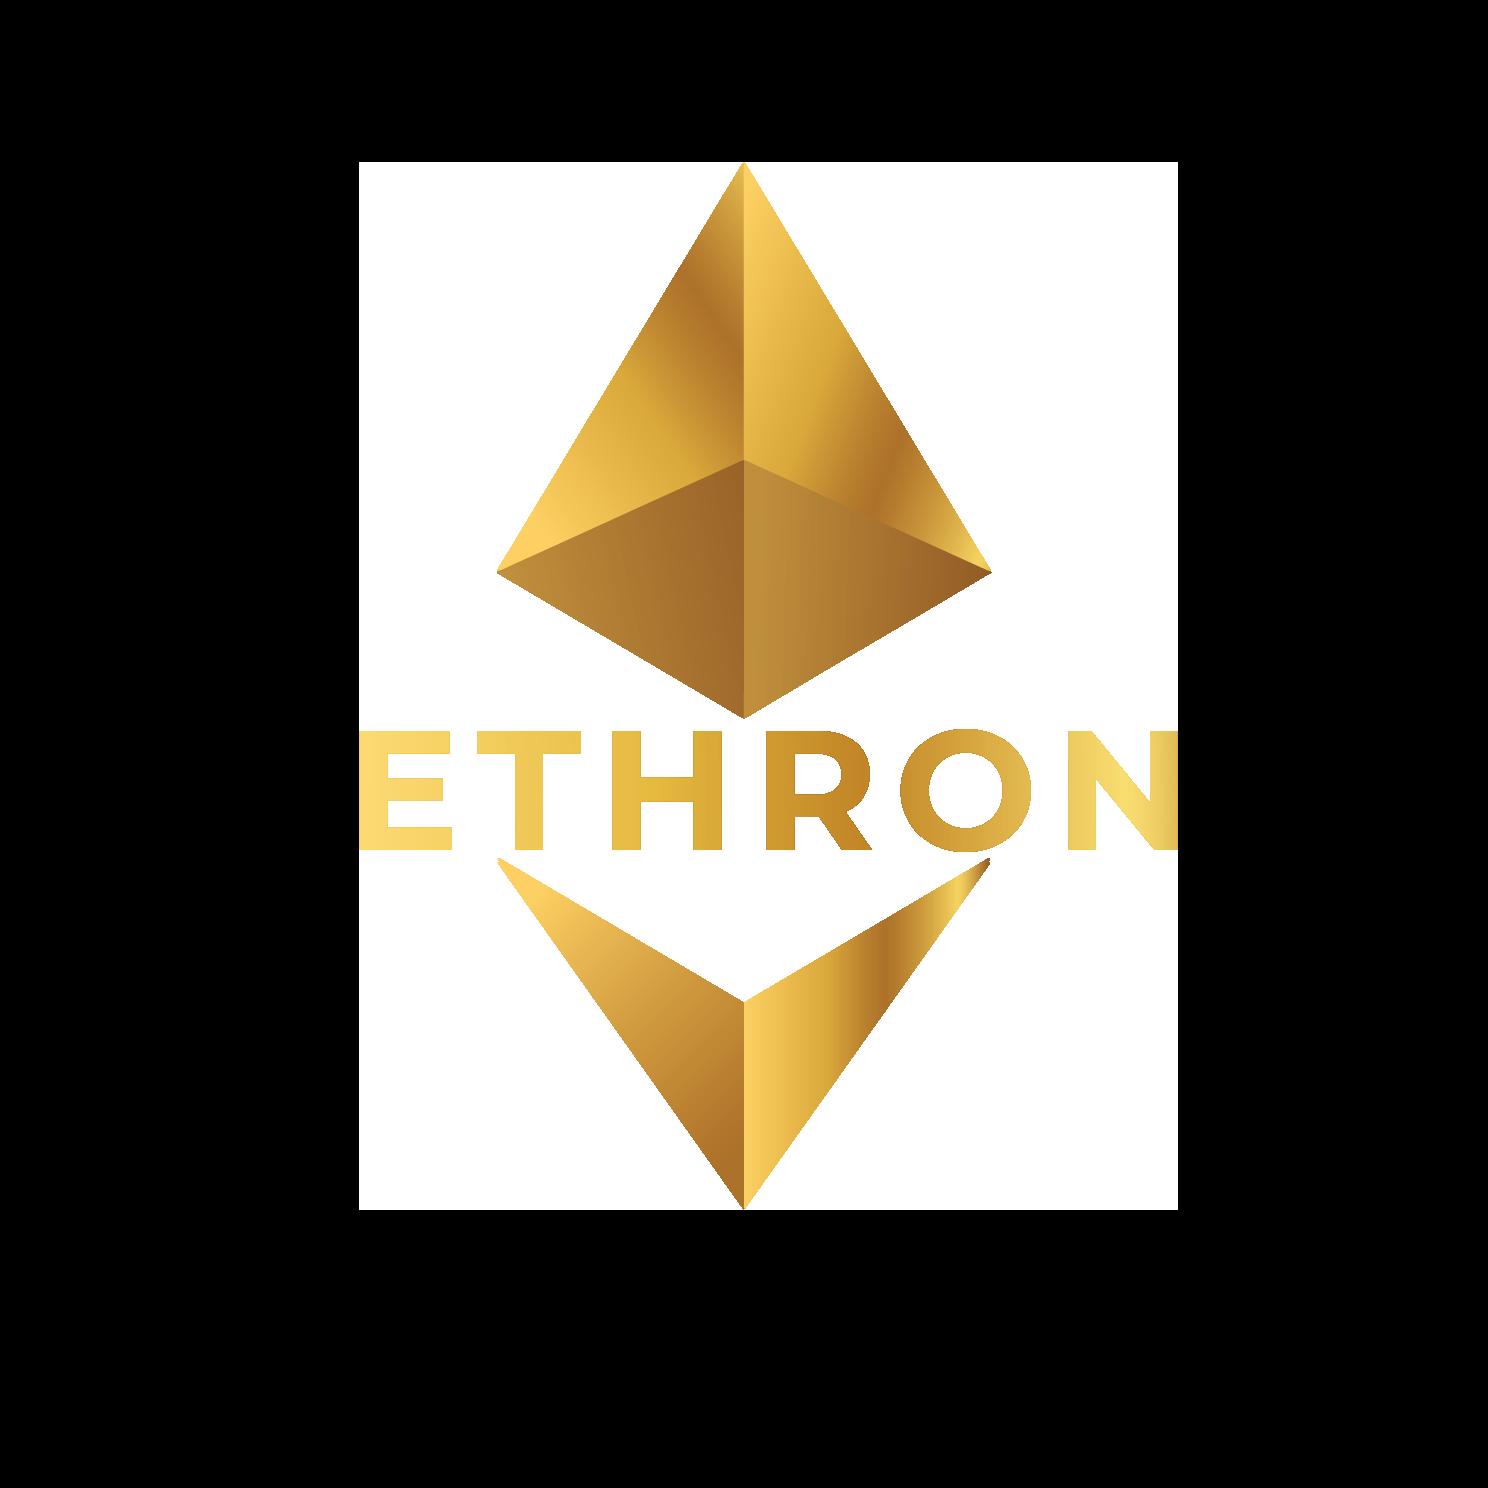 Ethron logo